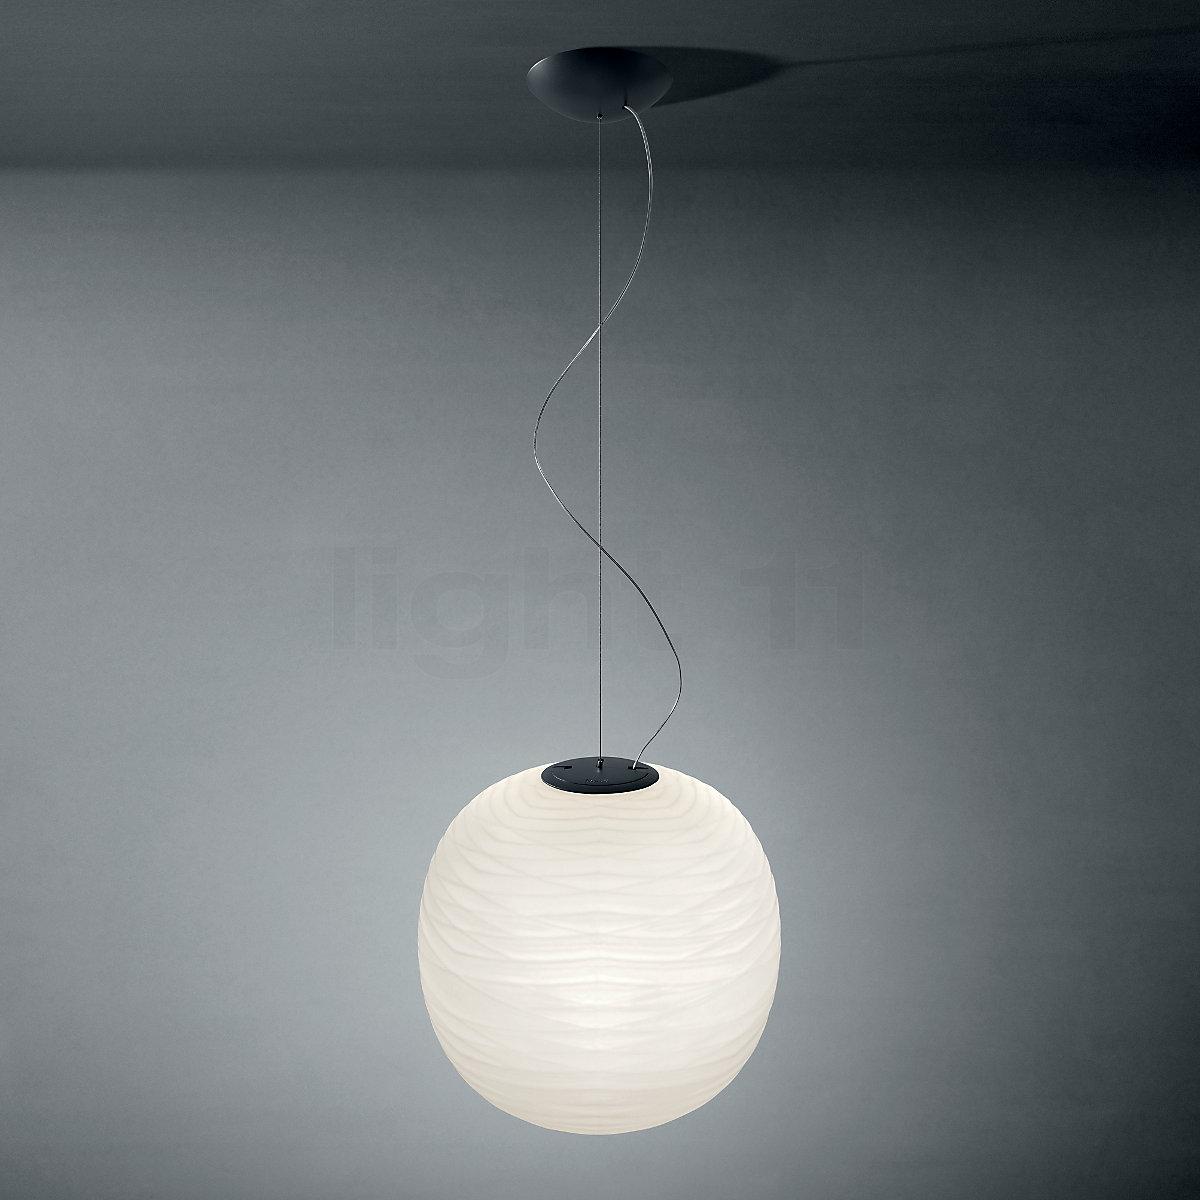 Foscarini Gem Lampada a sospensione My Light light11.it